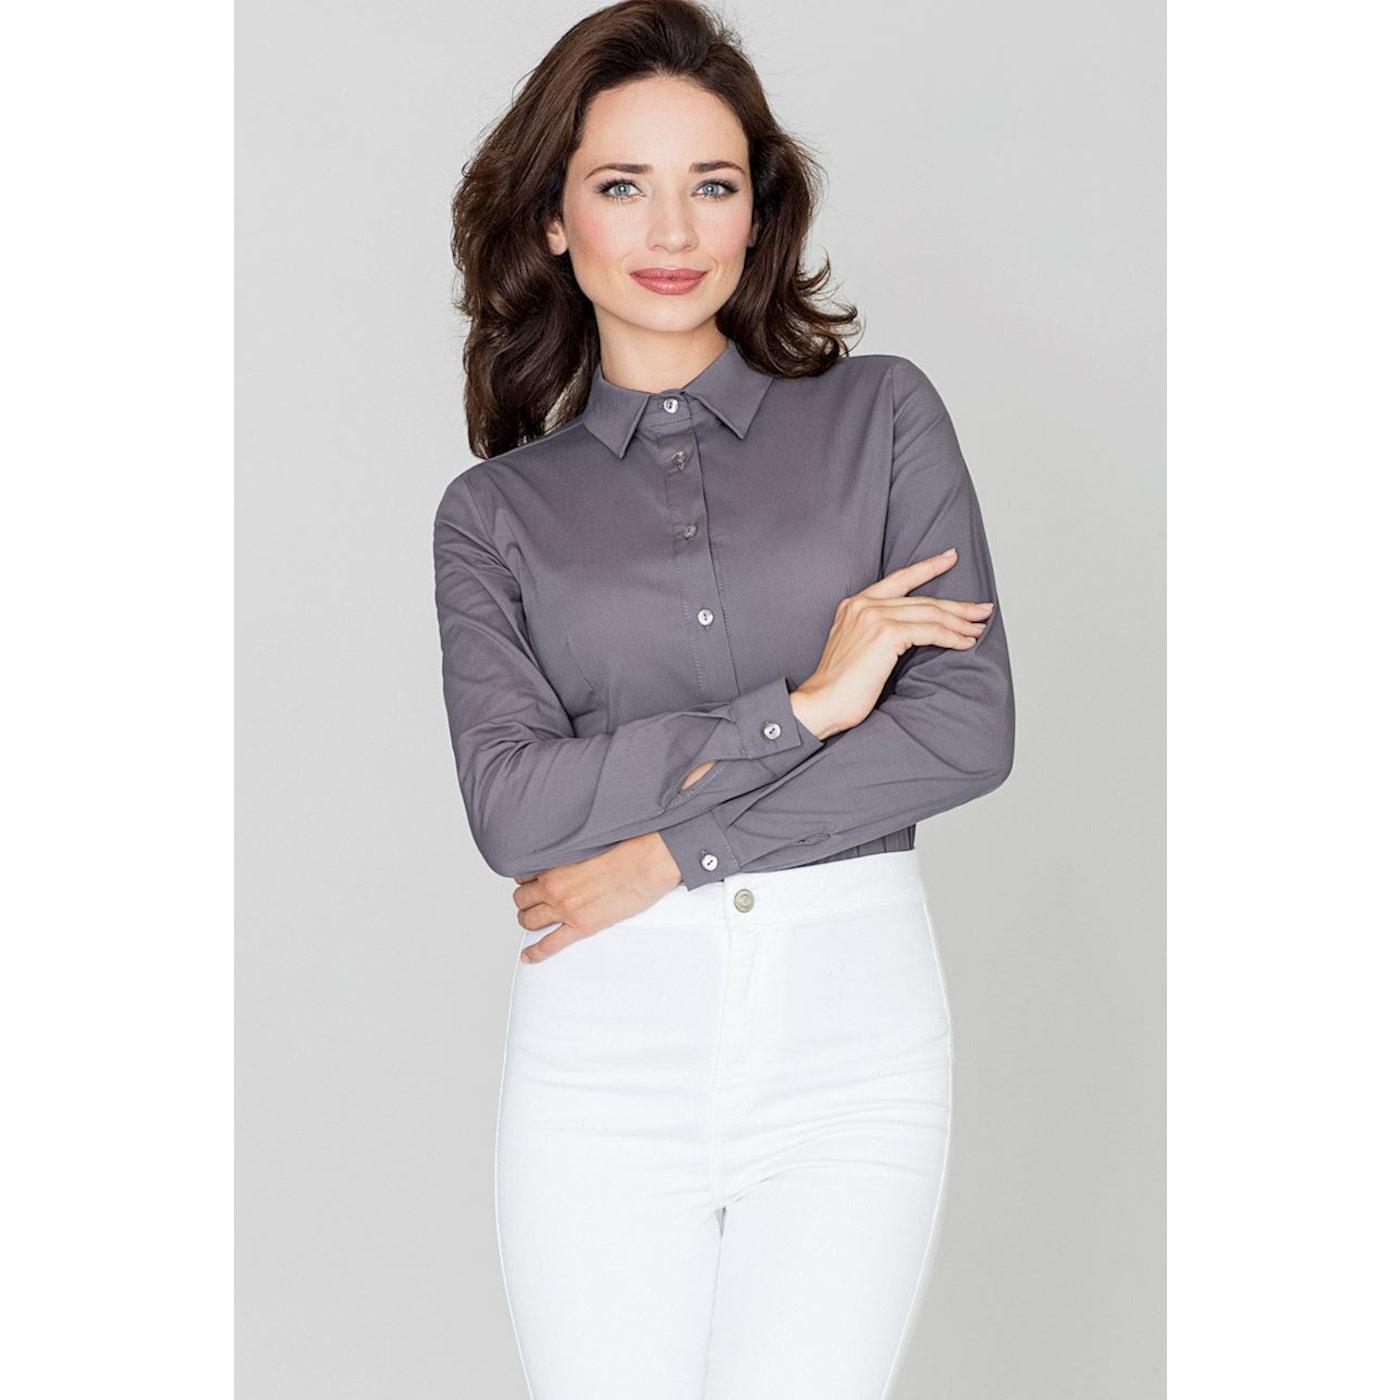 Katrus Womans Shirt K240 dámské Grey L